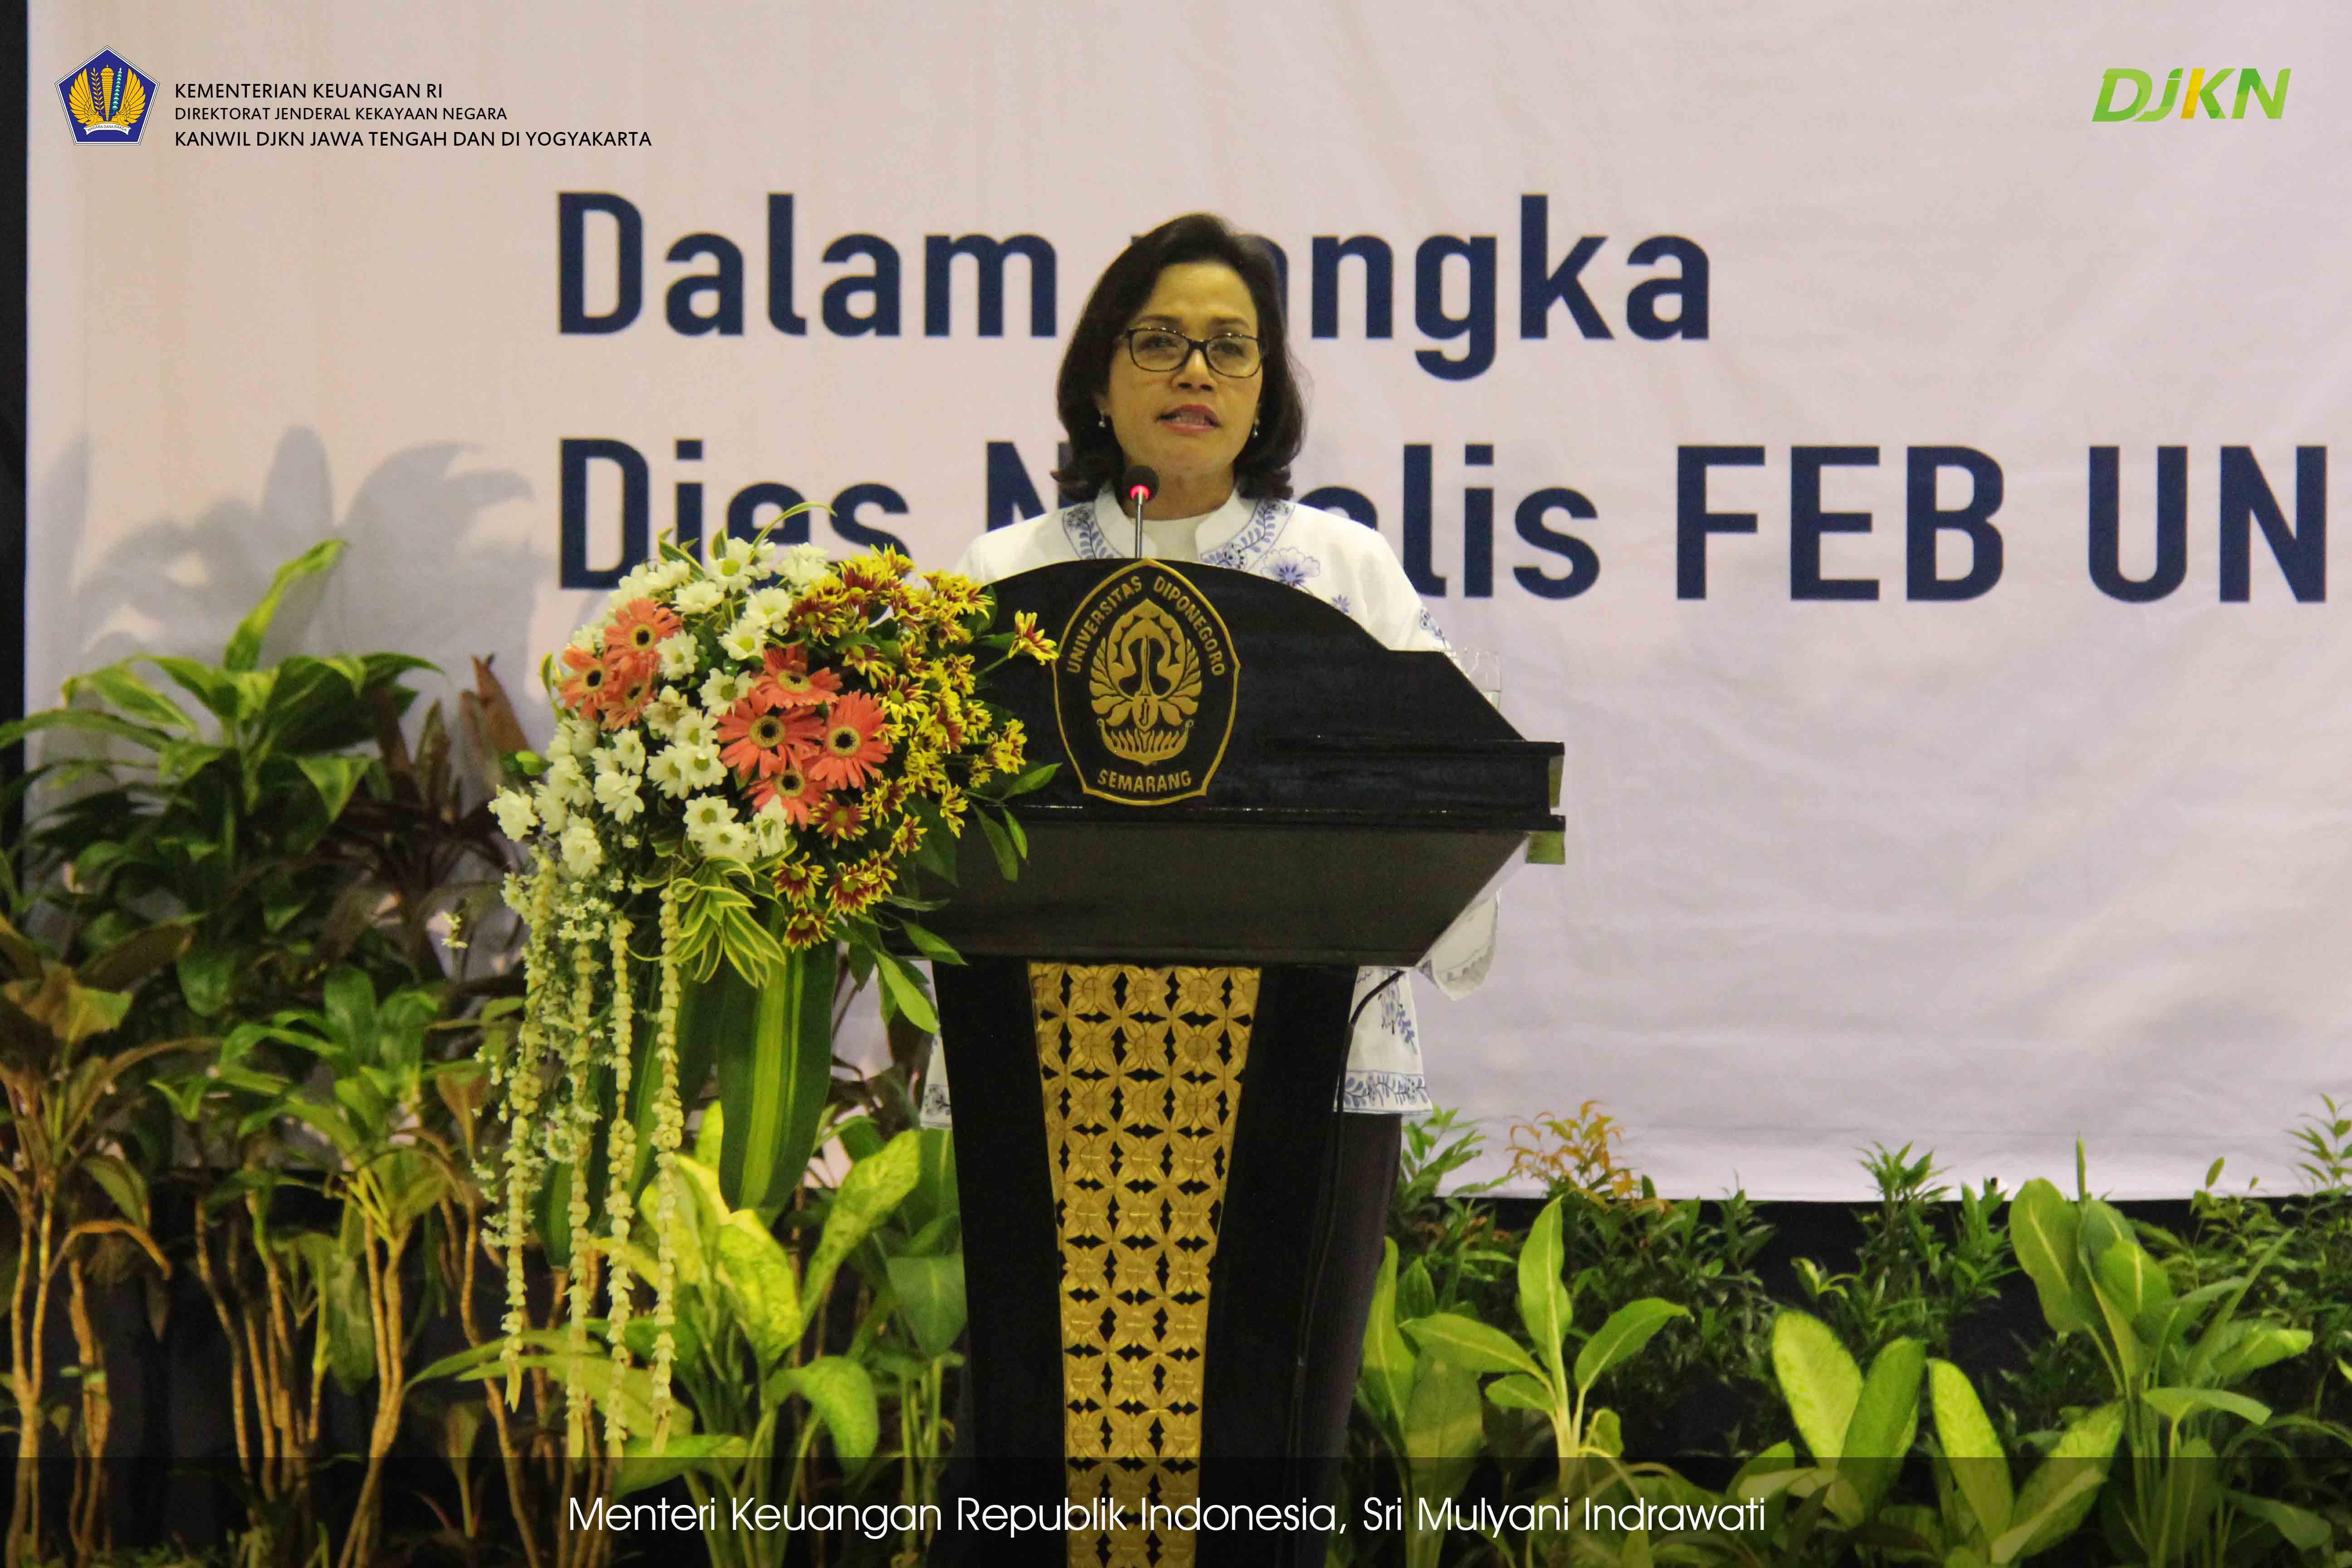 Menteri Keuangan Ajak Mahasiswa Berpikir Kritis